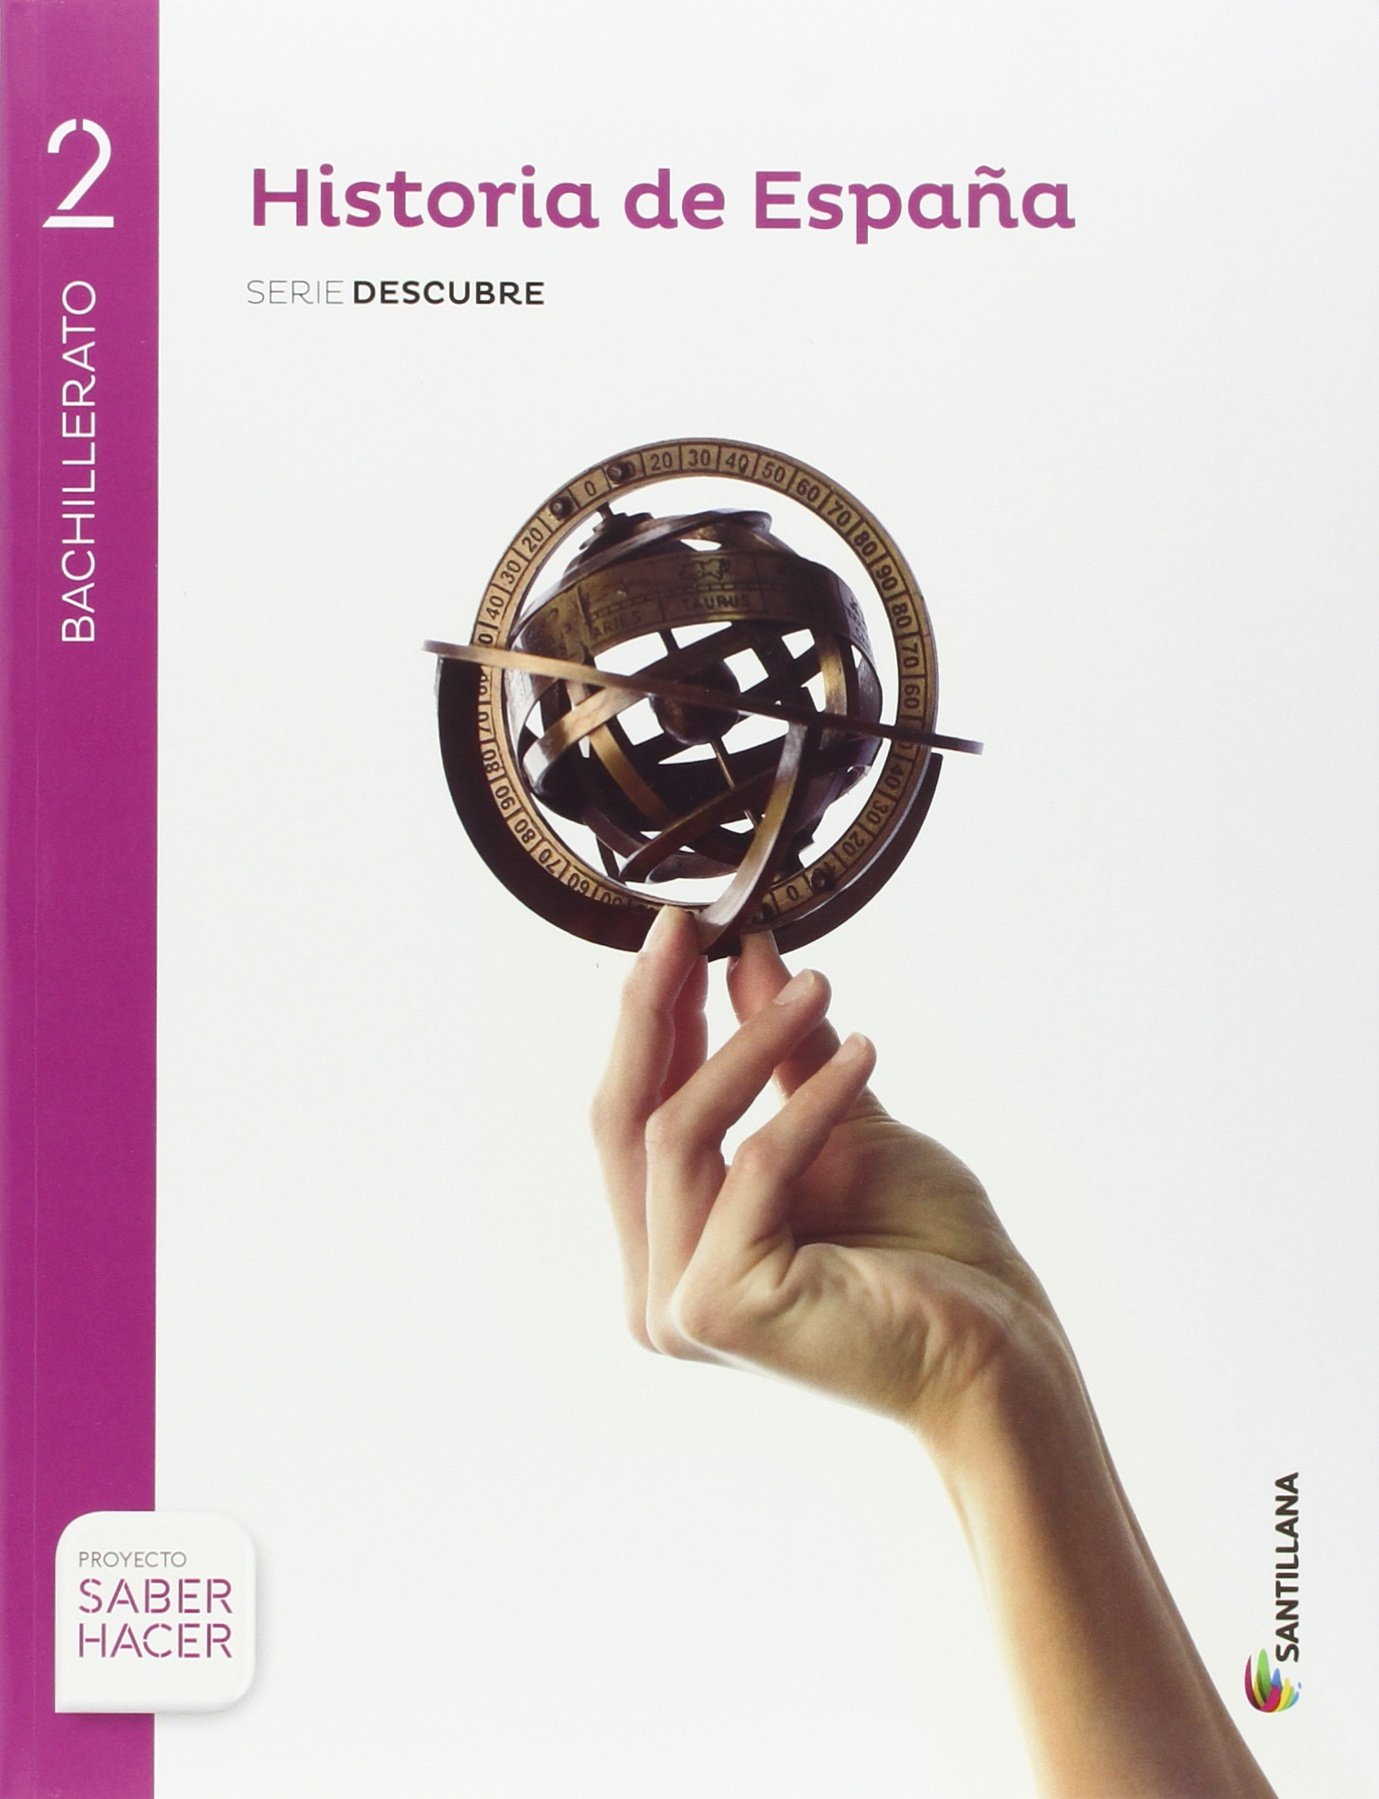 HISTORIA DE ESPAÑA MURCIA SERIE DESCUBRE 2 BTO SABER HACER - 9788414101803: Amazon.es: Aa.Vv.: Libros